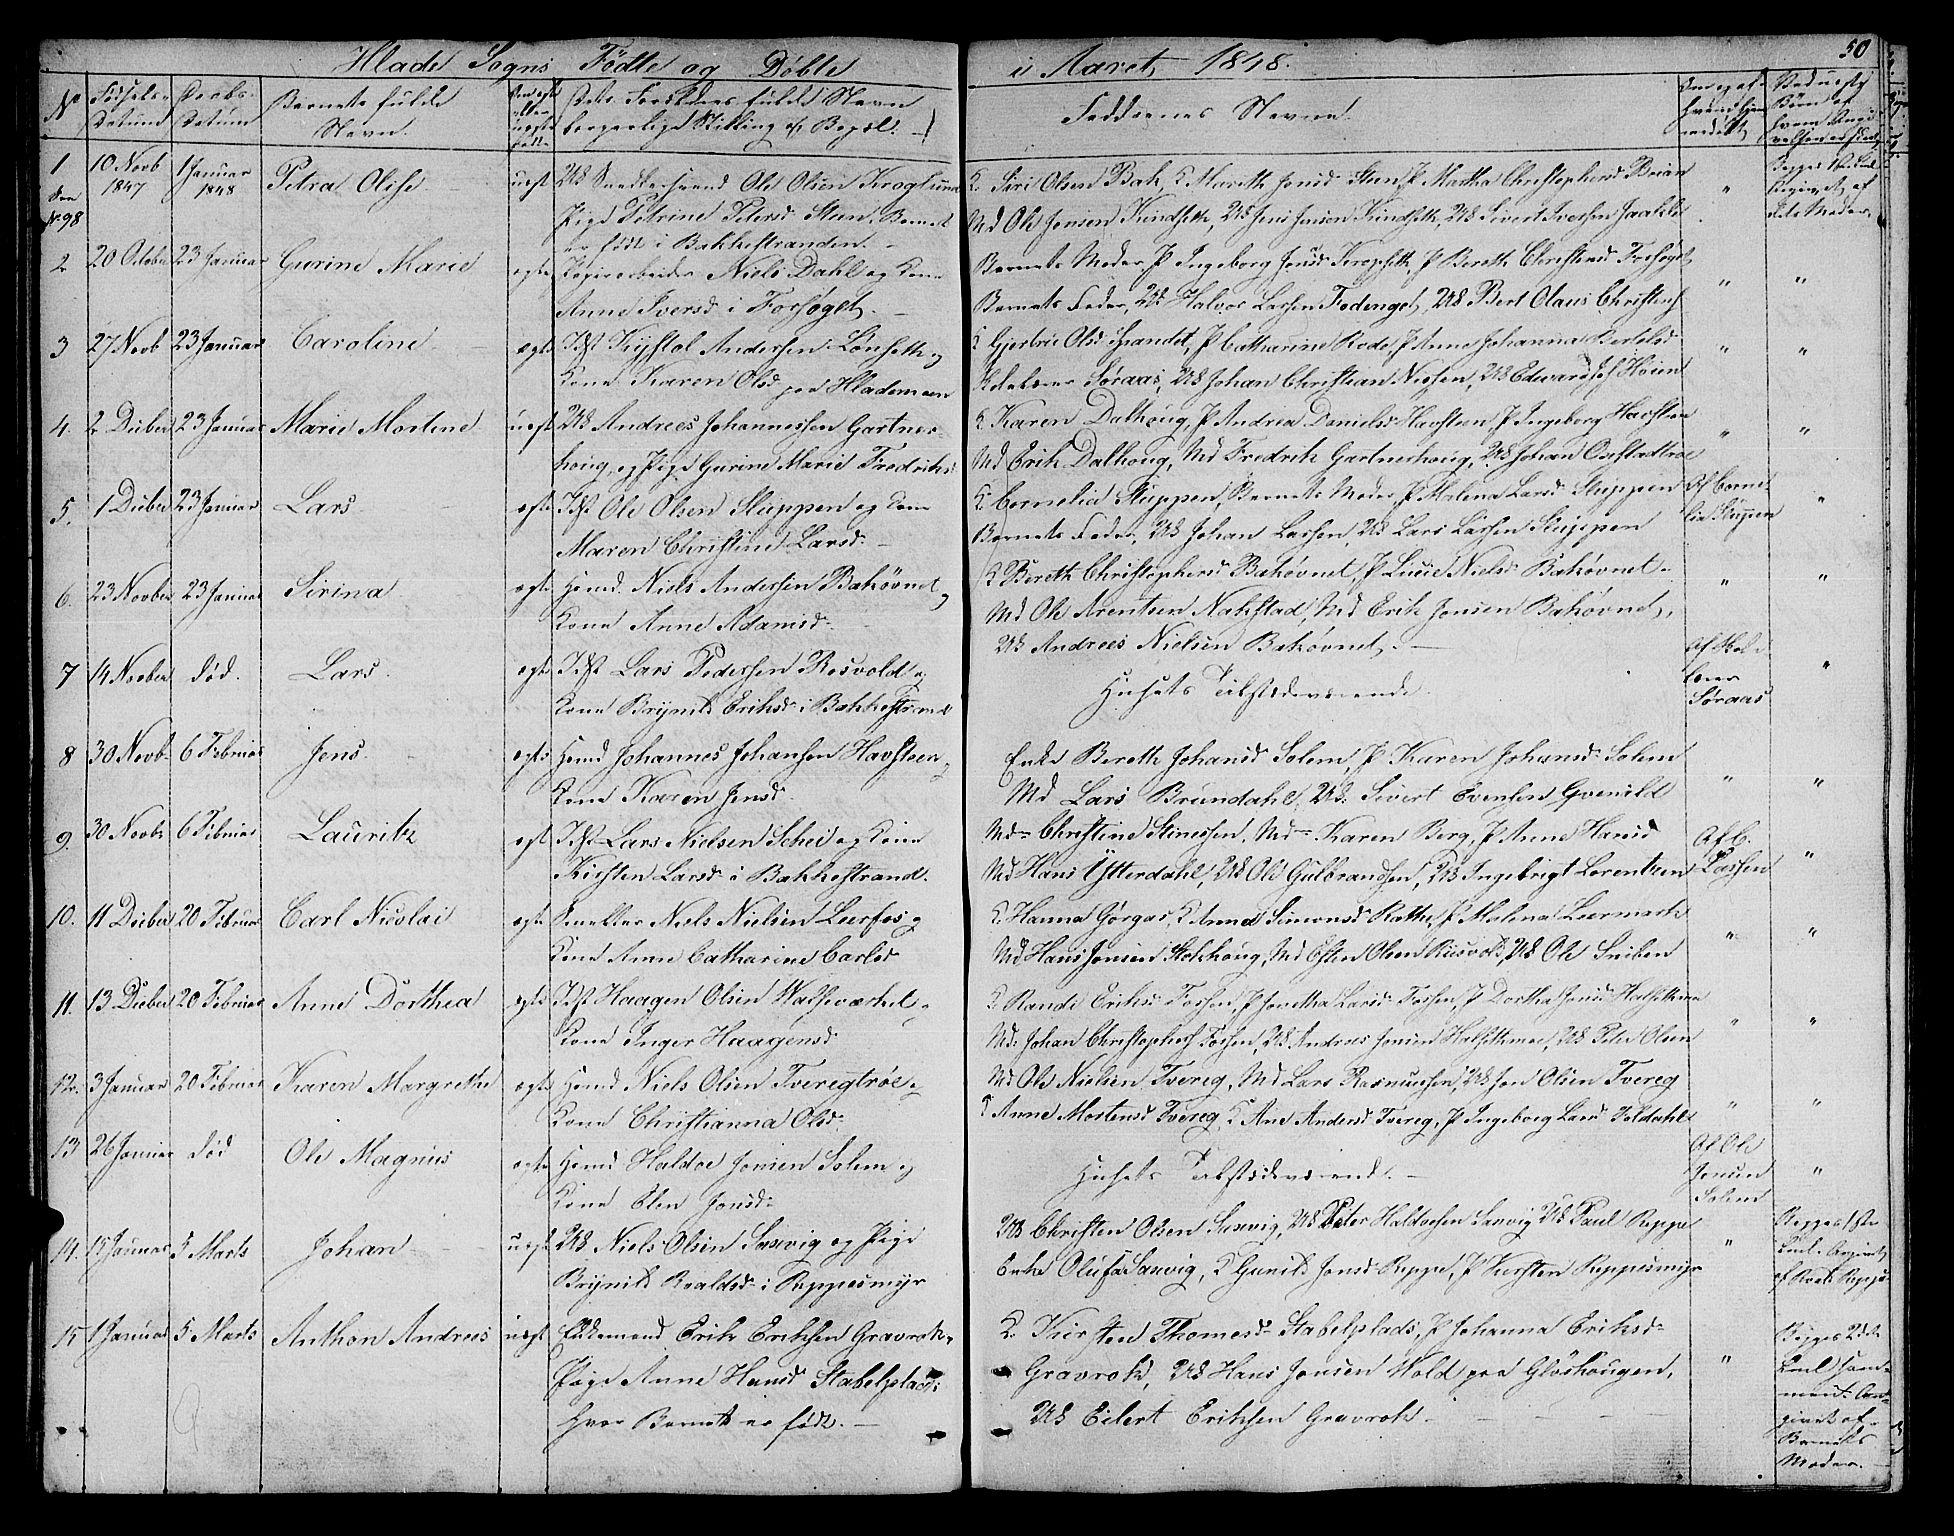 SAT, Ministerialprotokoller, klokkerbøker og fødselsregistre - Sør-Trøndelag, 606/L0309: Klokkerbok nr. 606C05, 1841-1849, s. 50